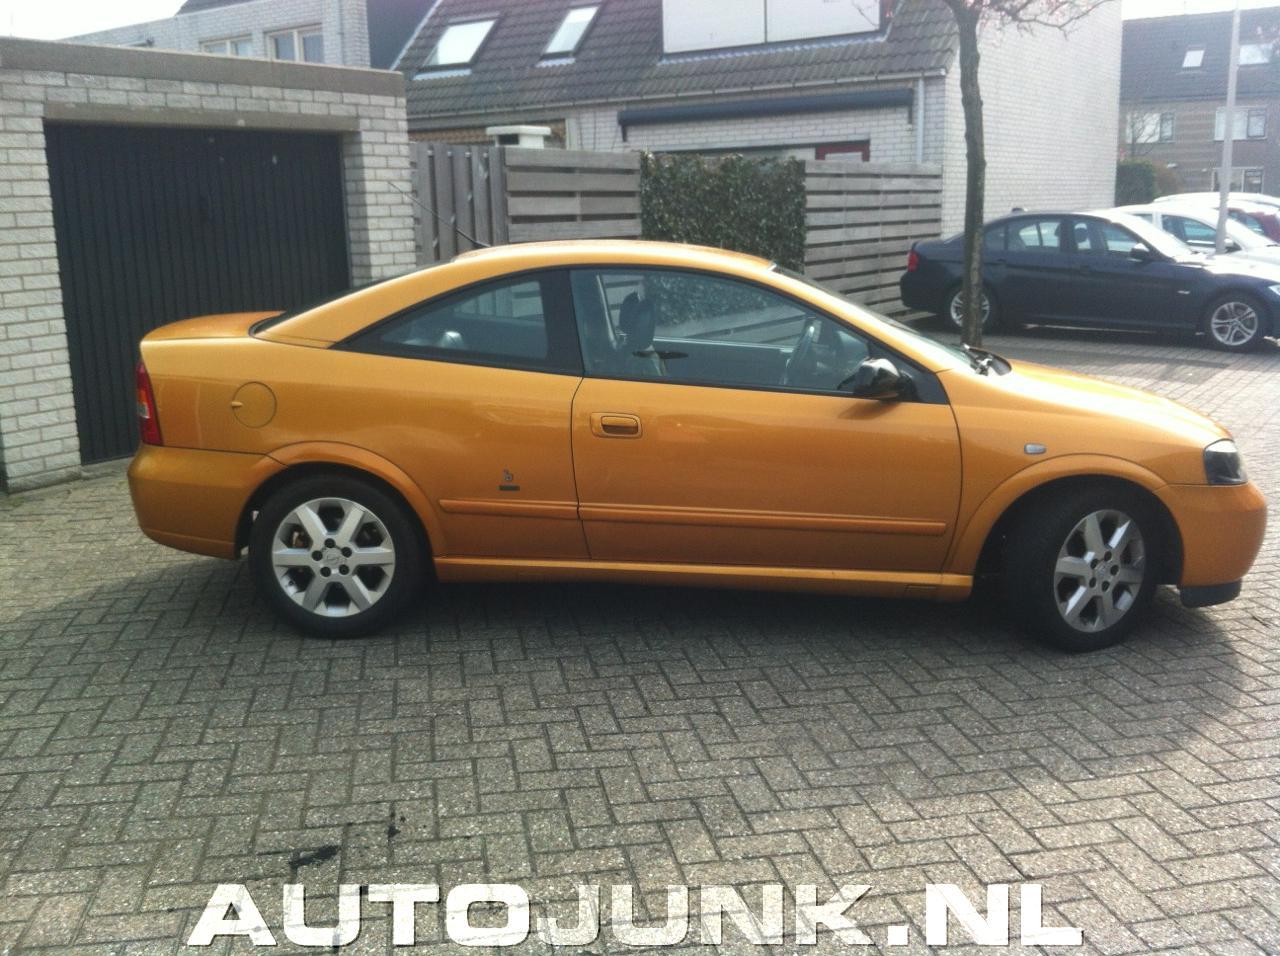 Mijn auto opel astra coup 1 8 16v bertone foto 39 s - Opel astra coupe bertone fiche technique ...